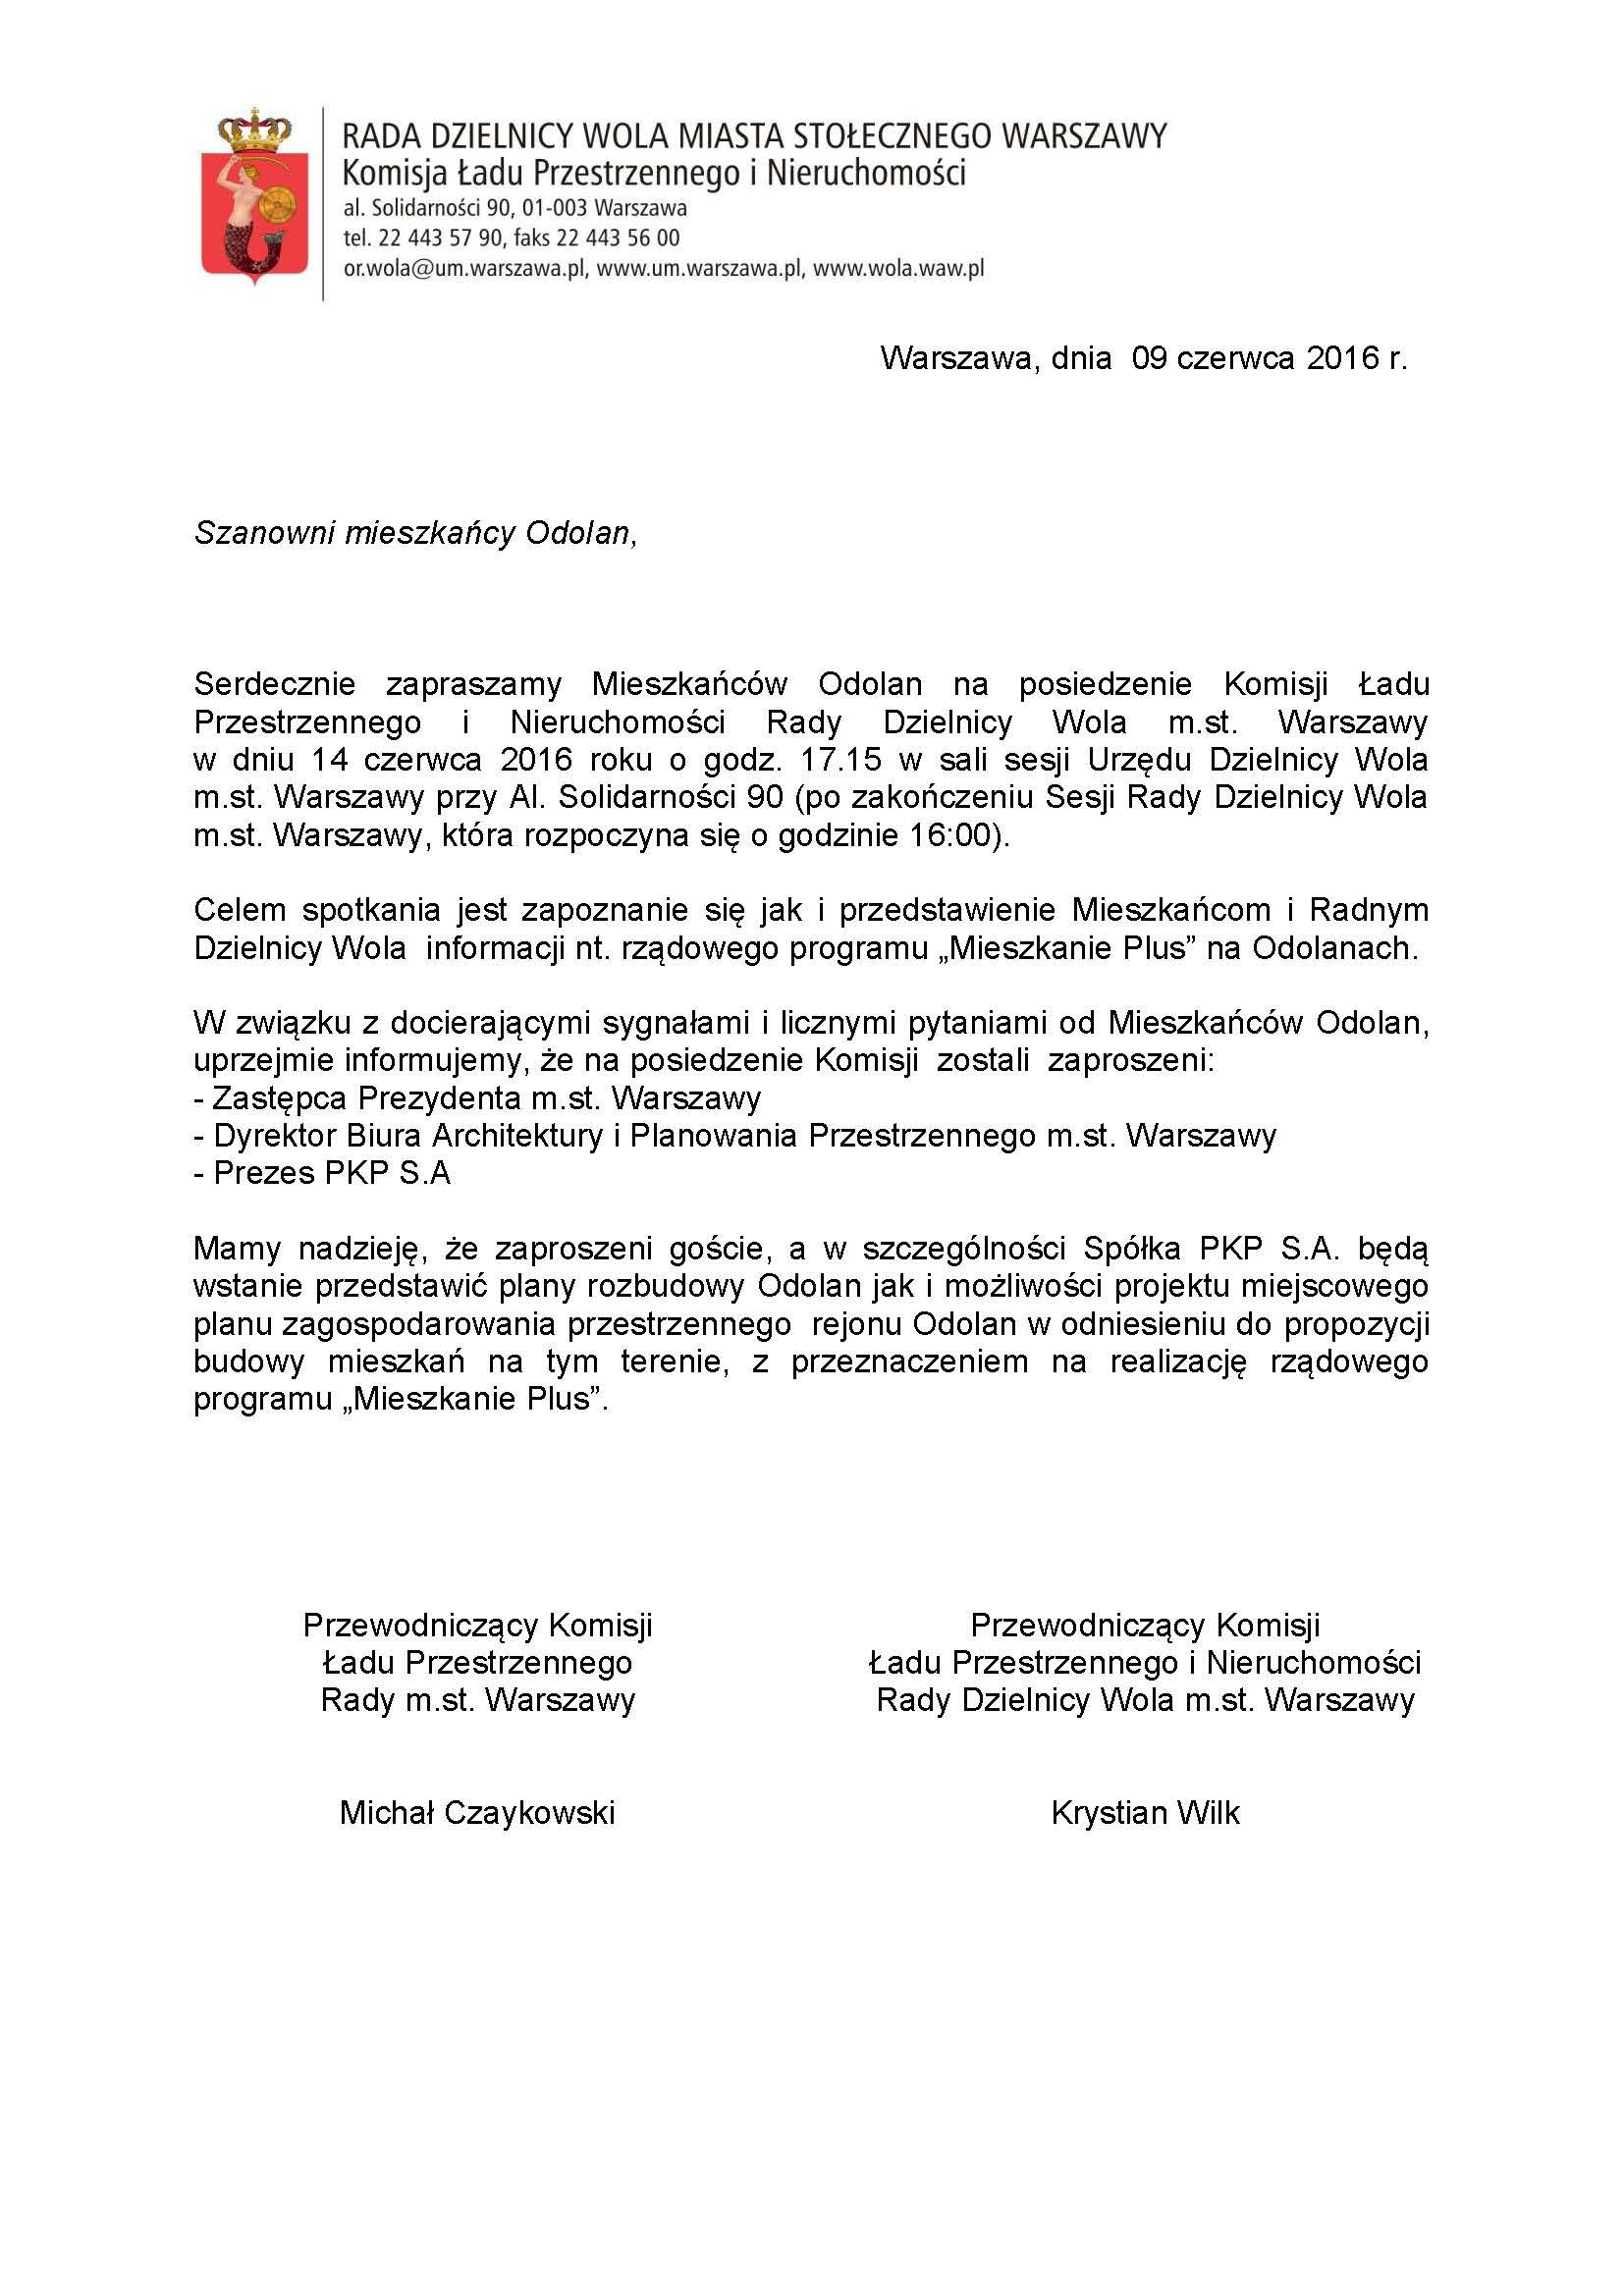 zaproszenie_na_komisję_14.06.2016